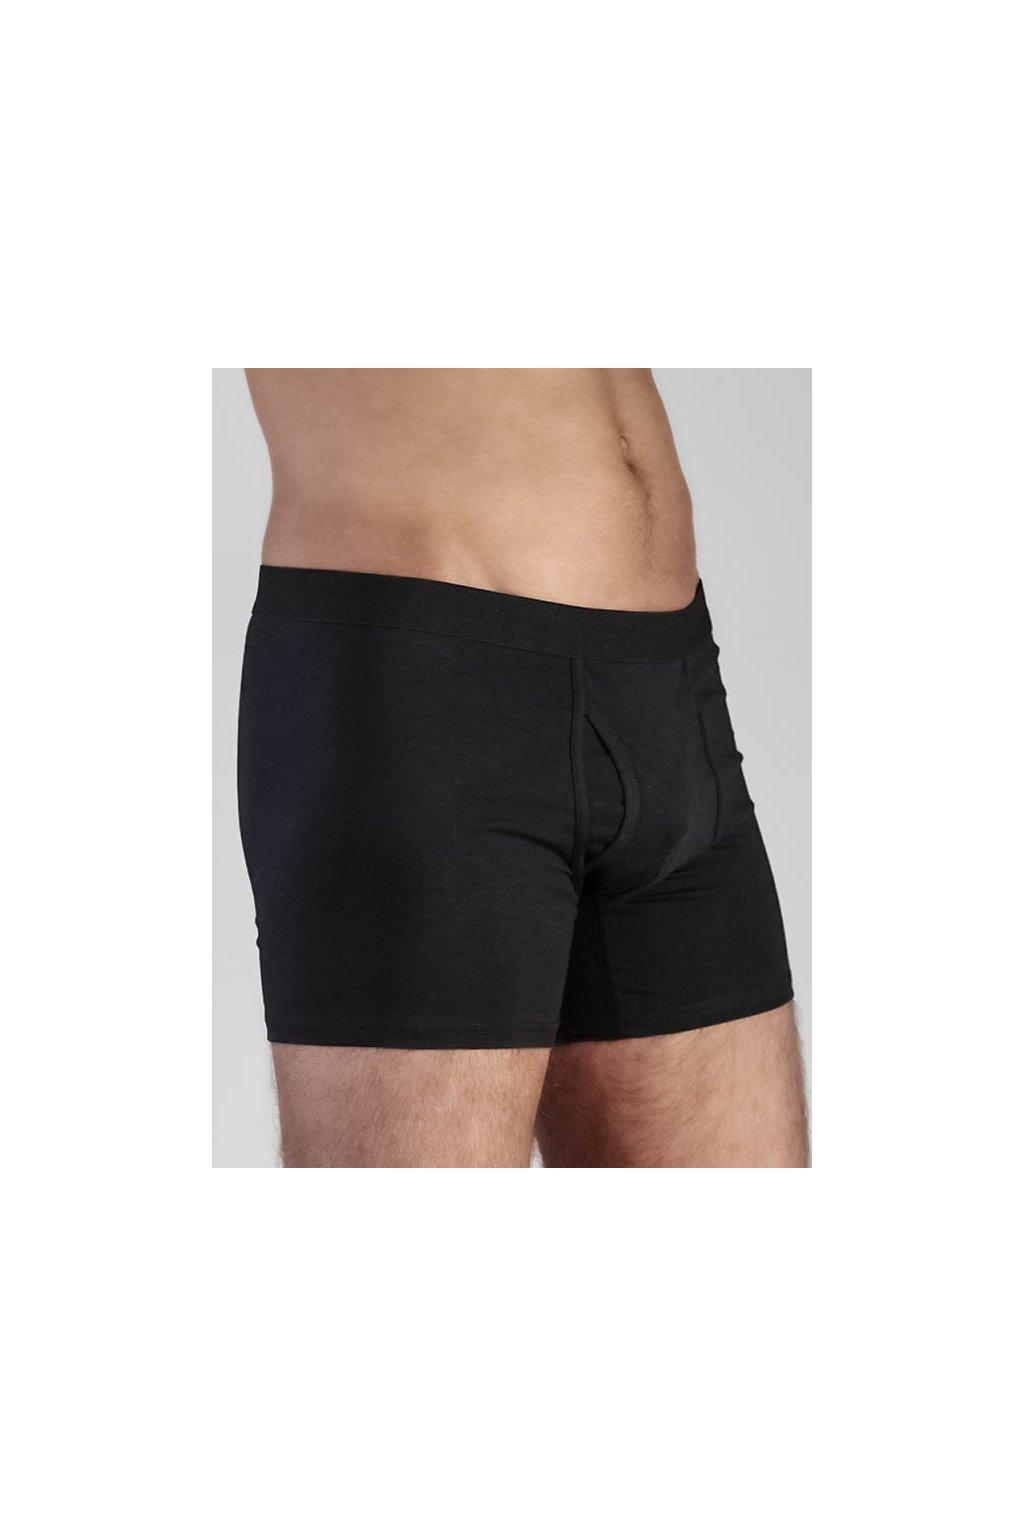 """Pánské černé boxerky """"Boxer Shorts"""" (Velikost L)"""